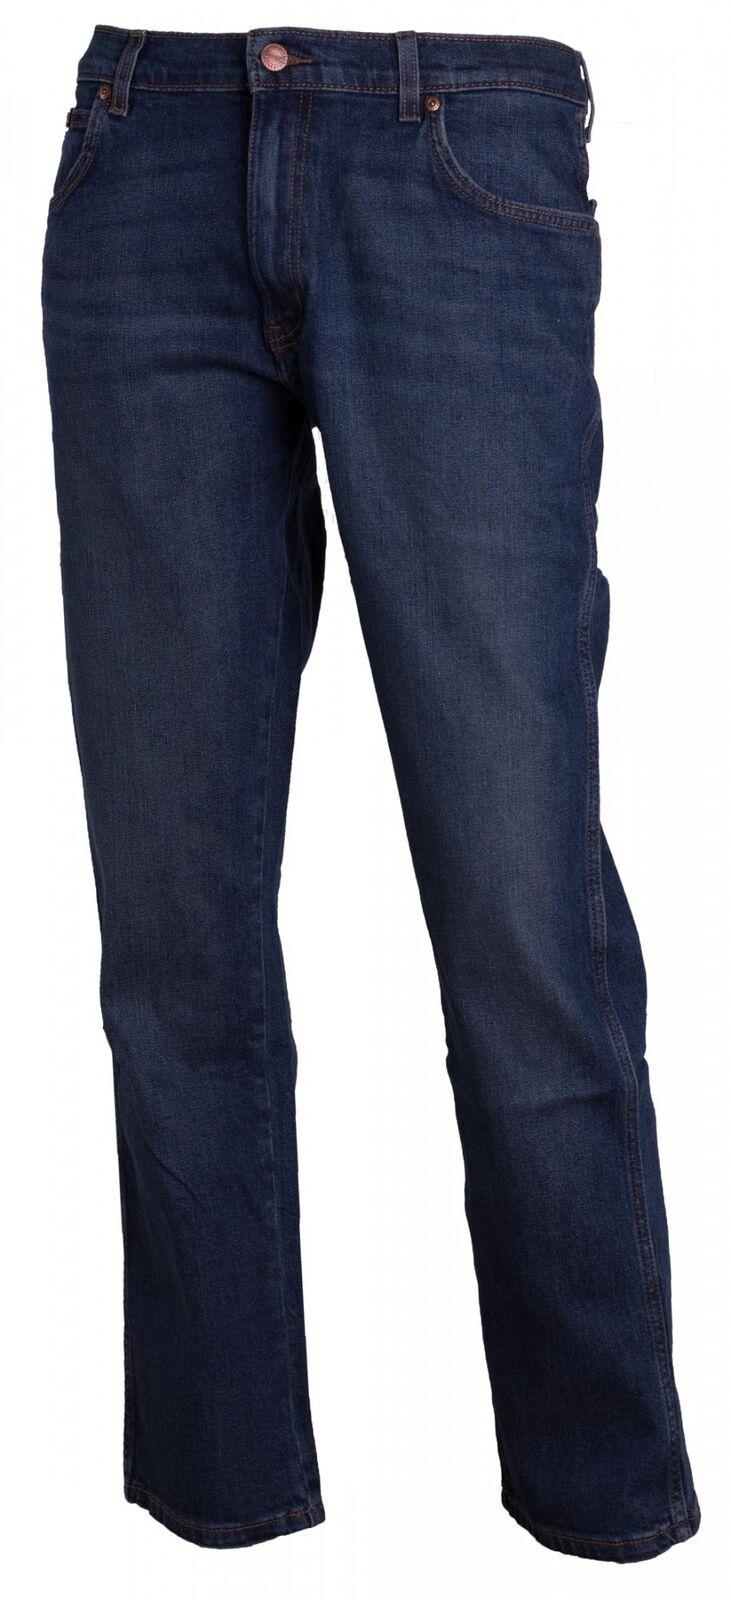 Wrangler Herren Jeans Texas Stretch Stretch Stretch Straight Indigo Wit Blau W1212325F 50742a